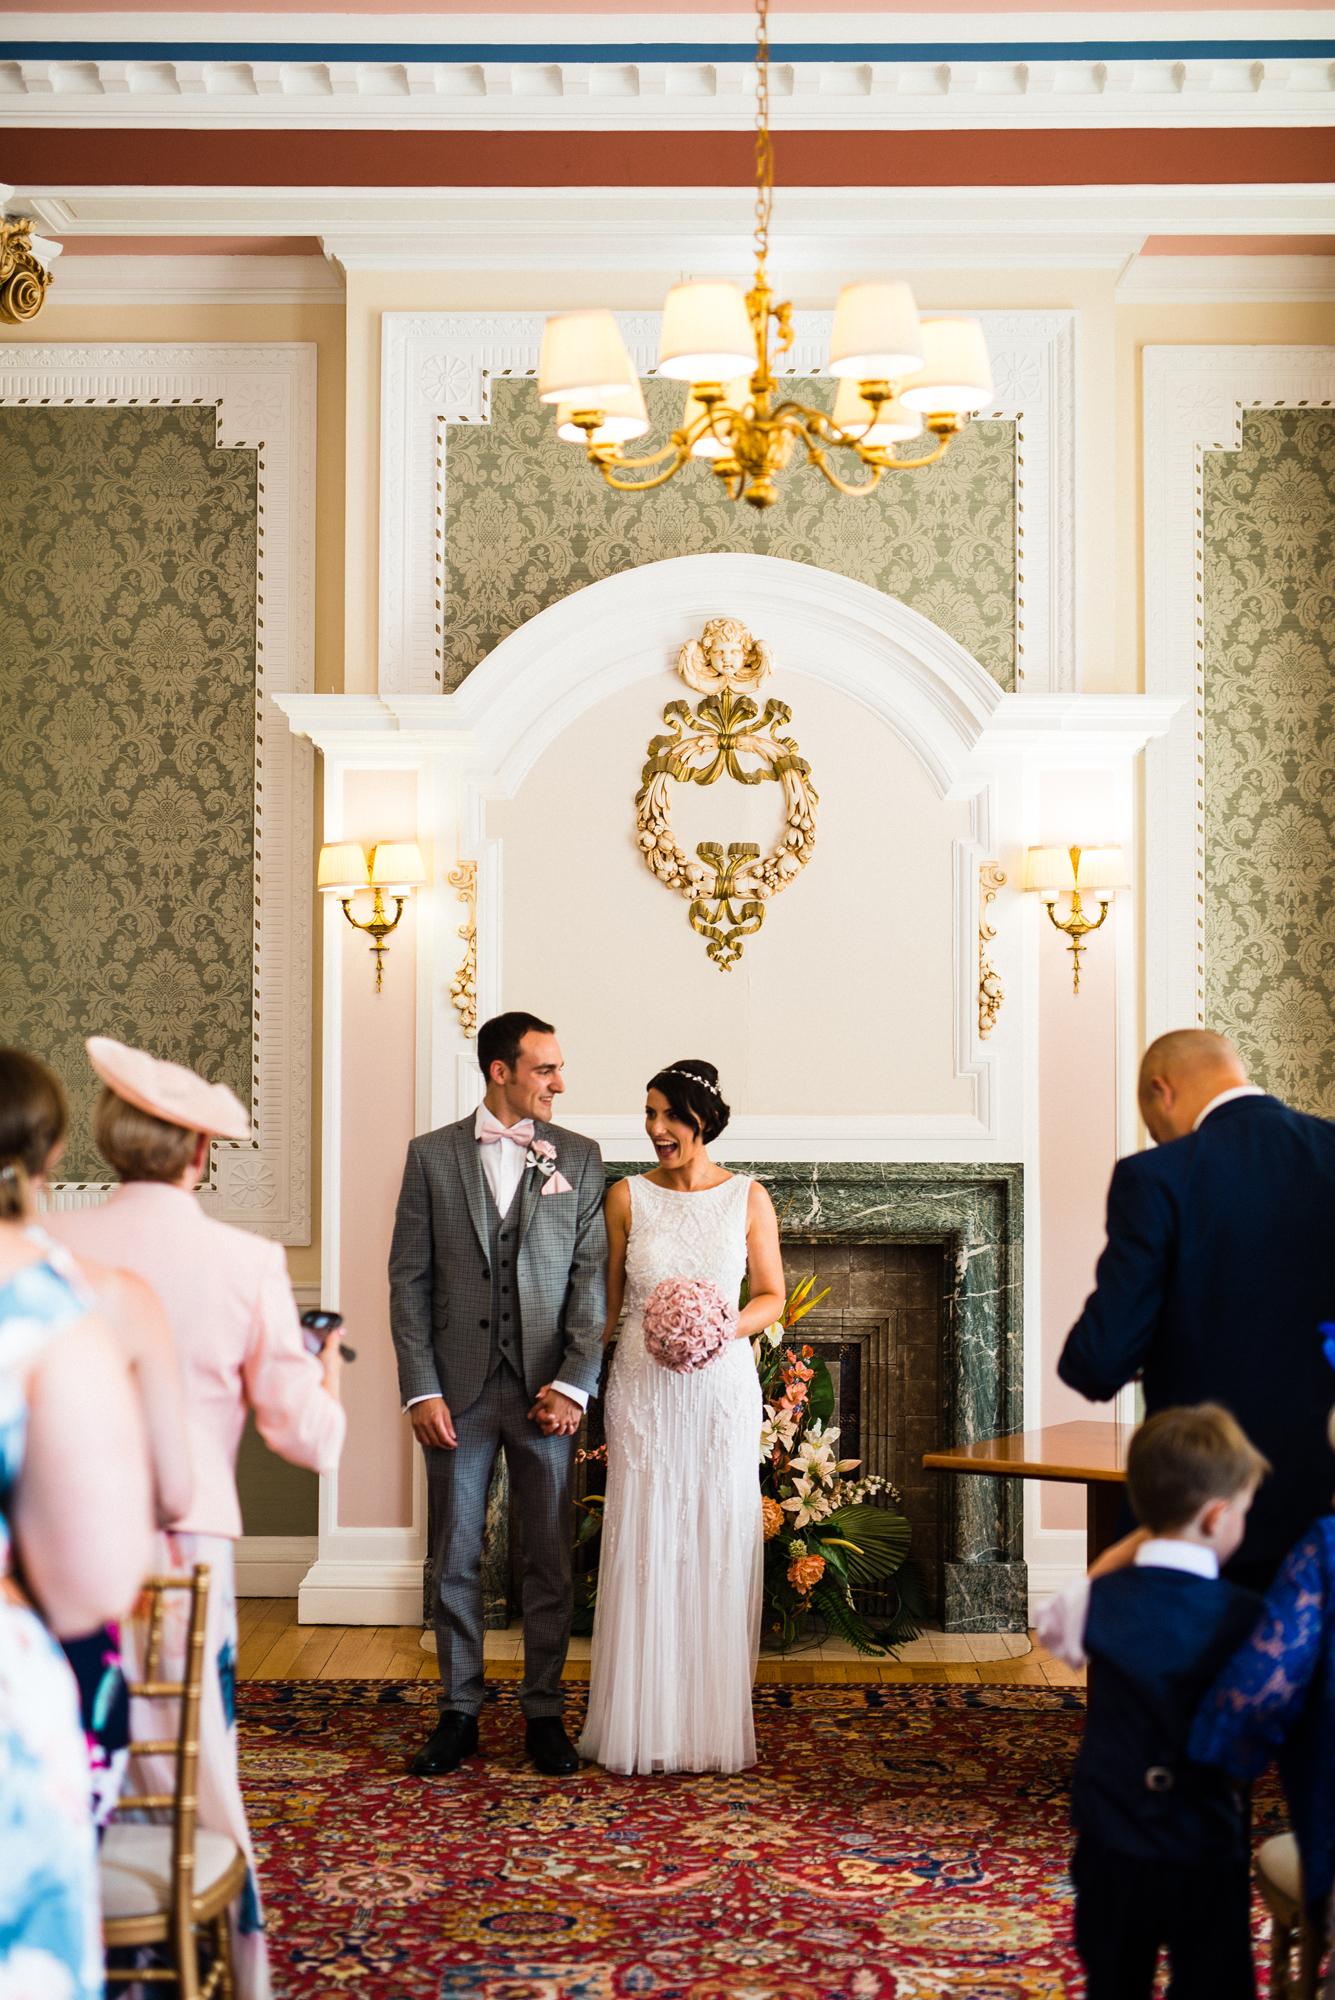 Crewe wedding photography12.jpg